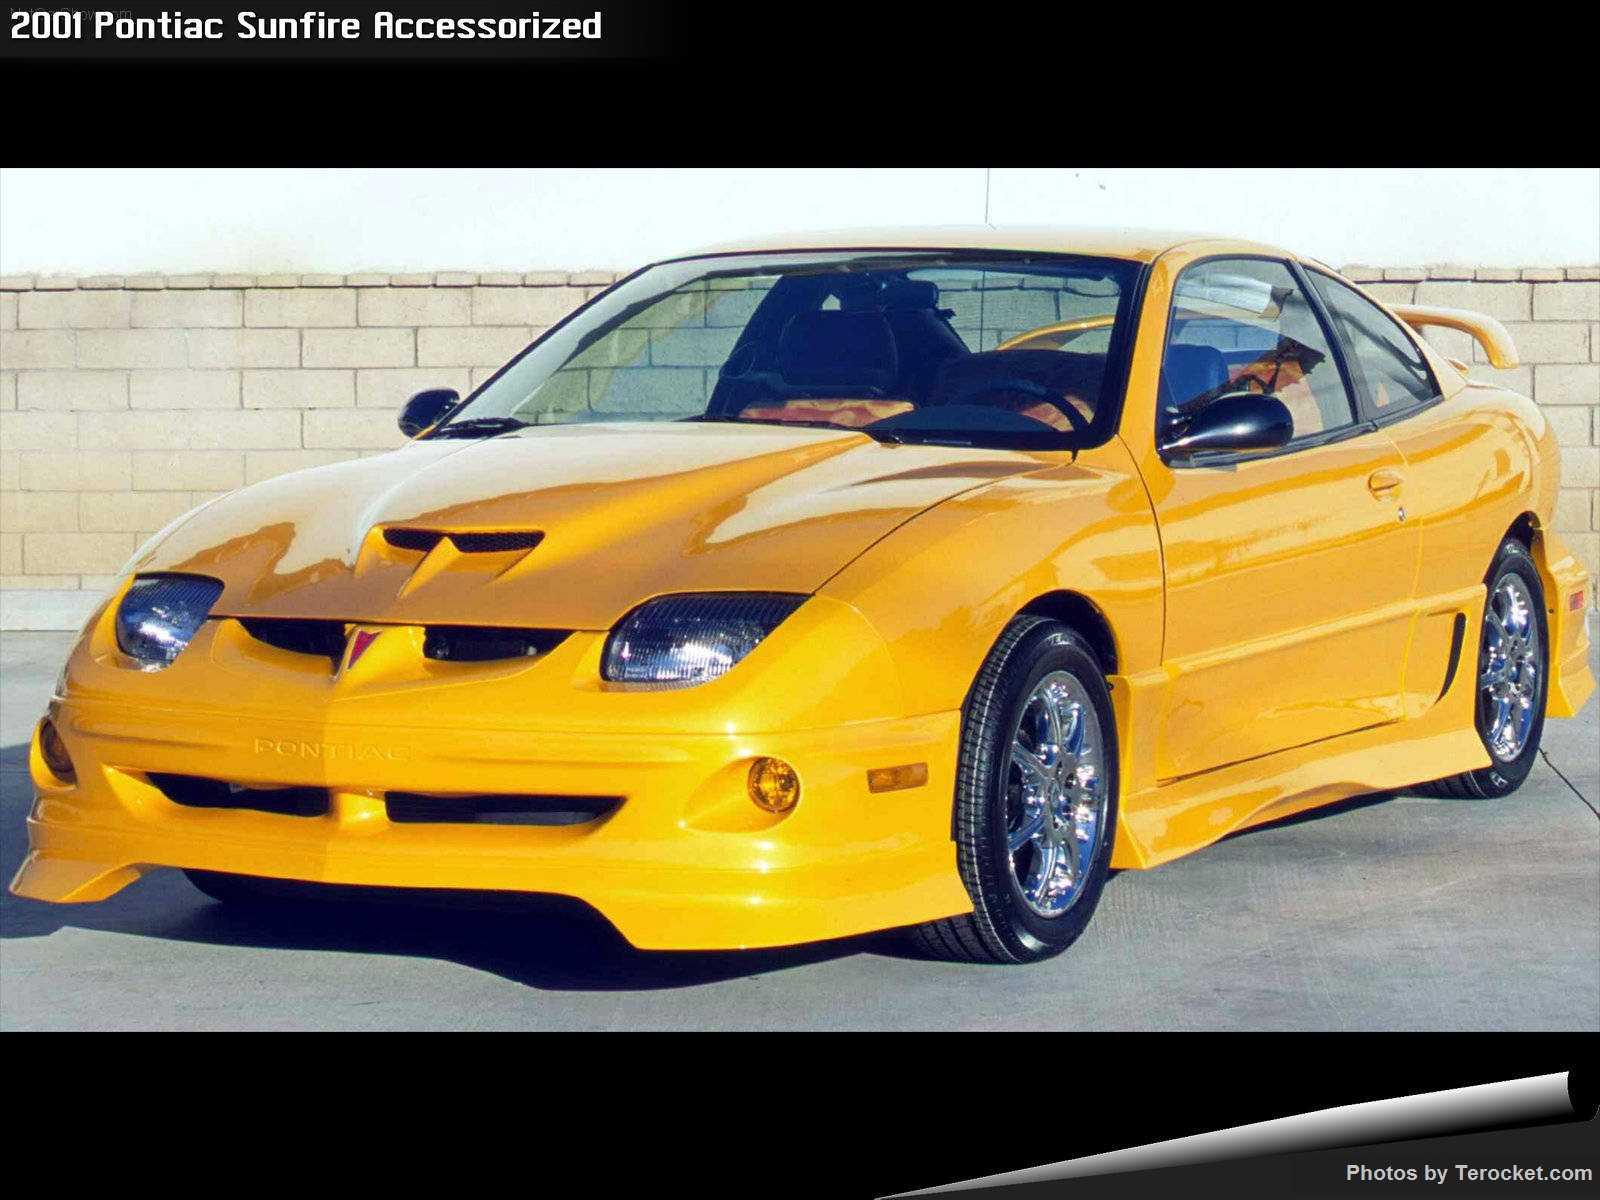 Hình ảnh xe ô tô Pontiac Sunfire Accessorized 2001 & nội ngoại thất